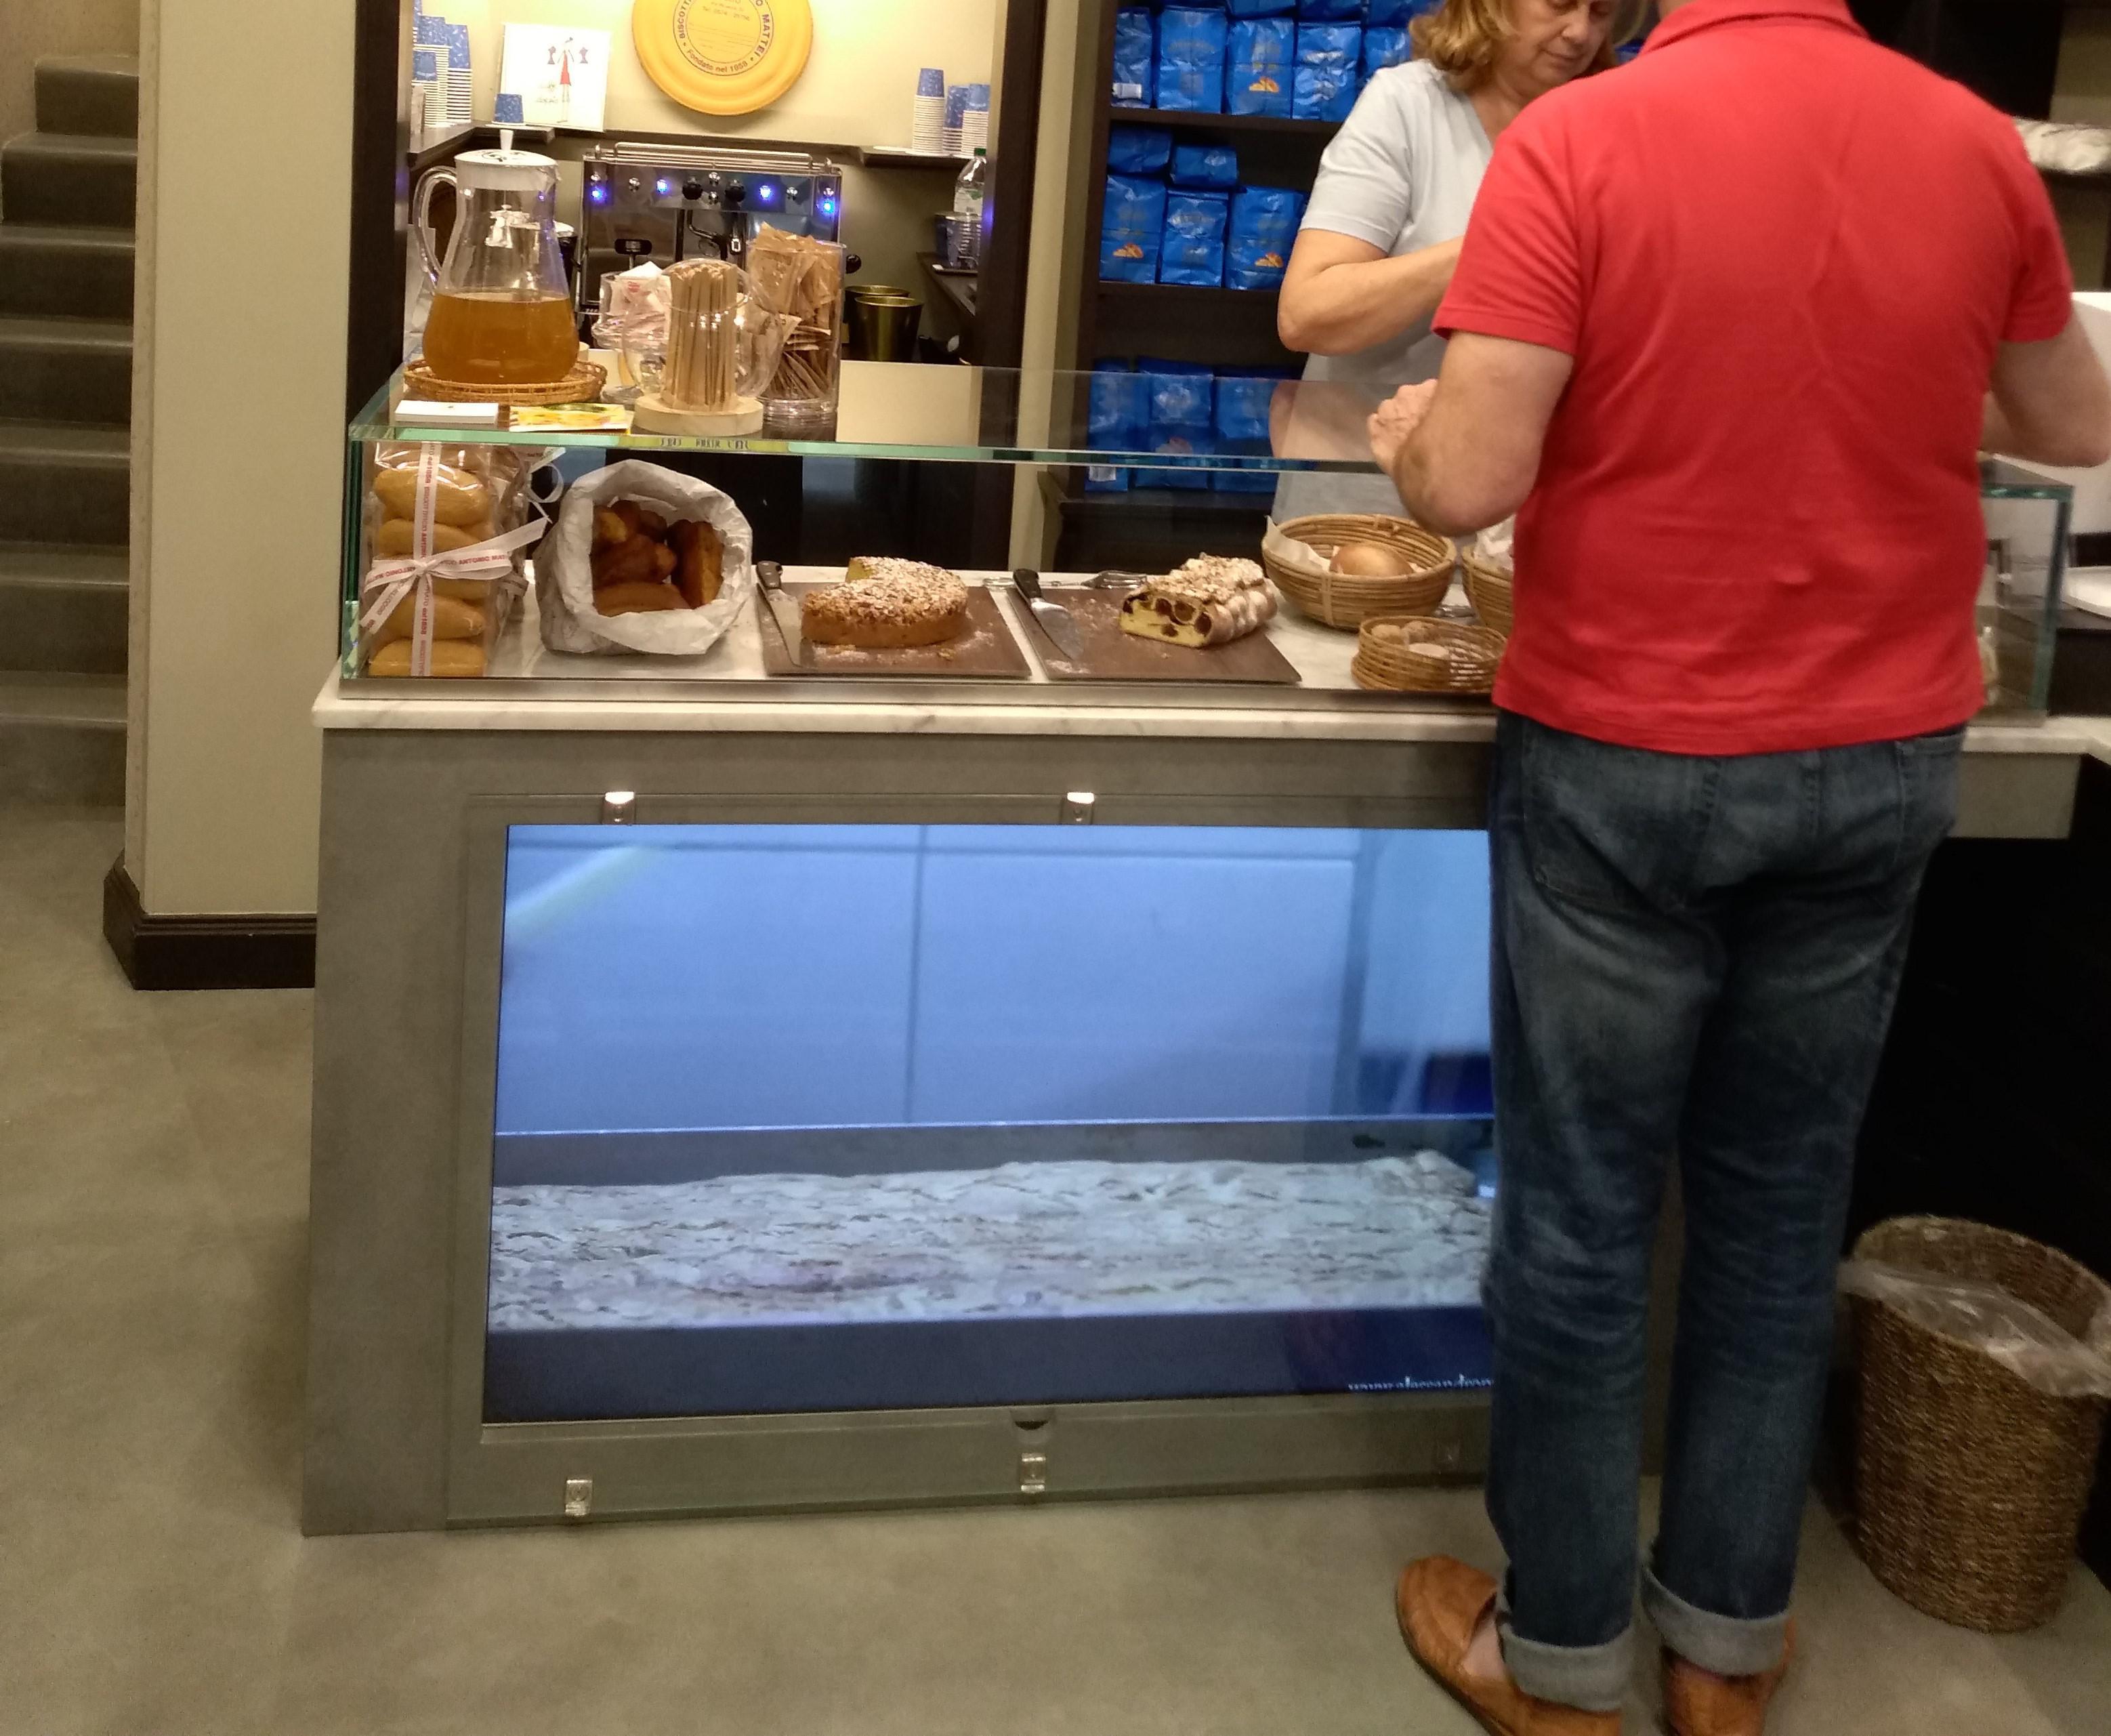 カントゥッチーノの以外のお菓子: ドライフルーツ・パウンドケーキ:ANTONIO MATTEI(アントニオ マッテイ)